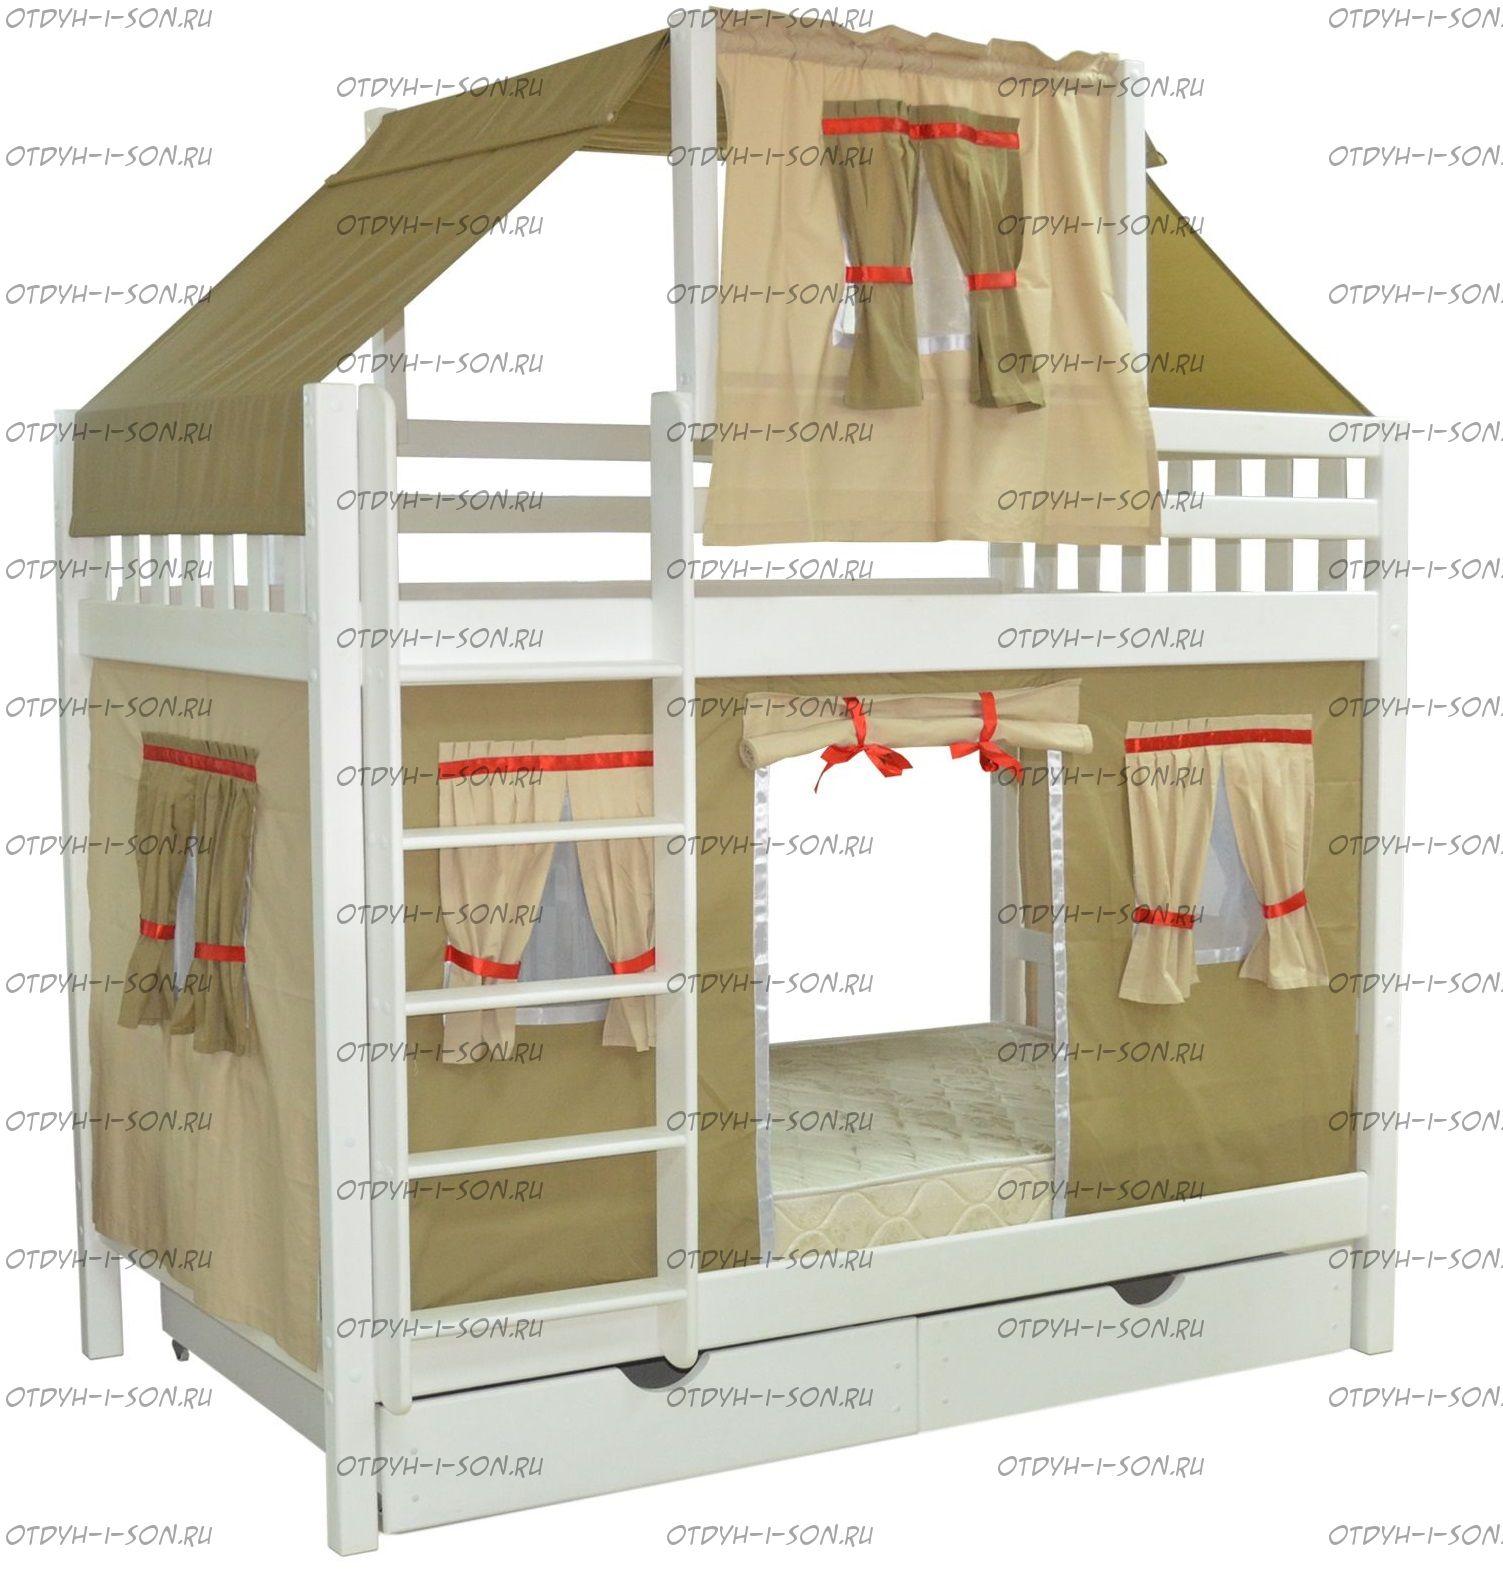 кровать двухъярусная фото из дерева схема сборки